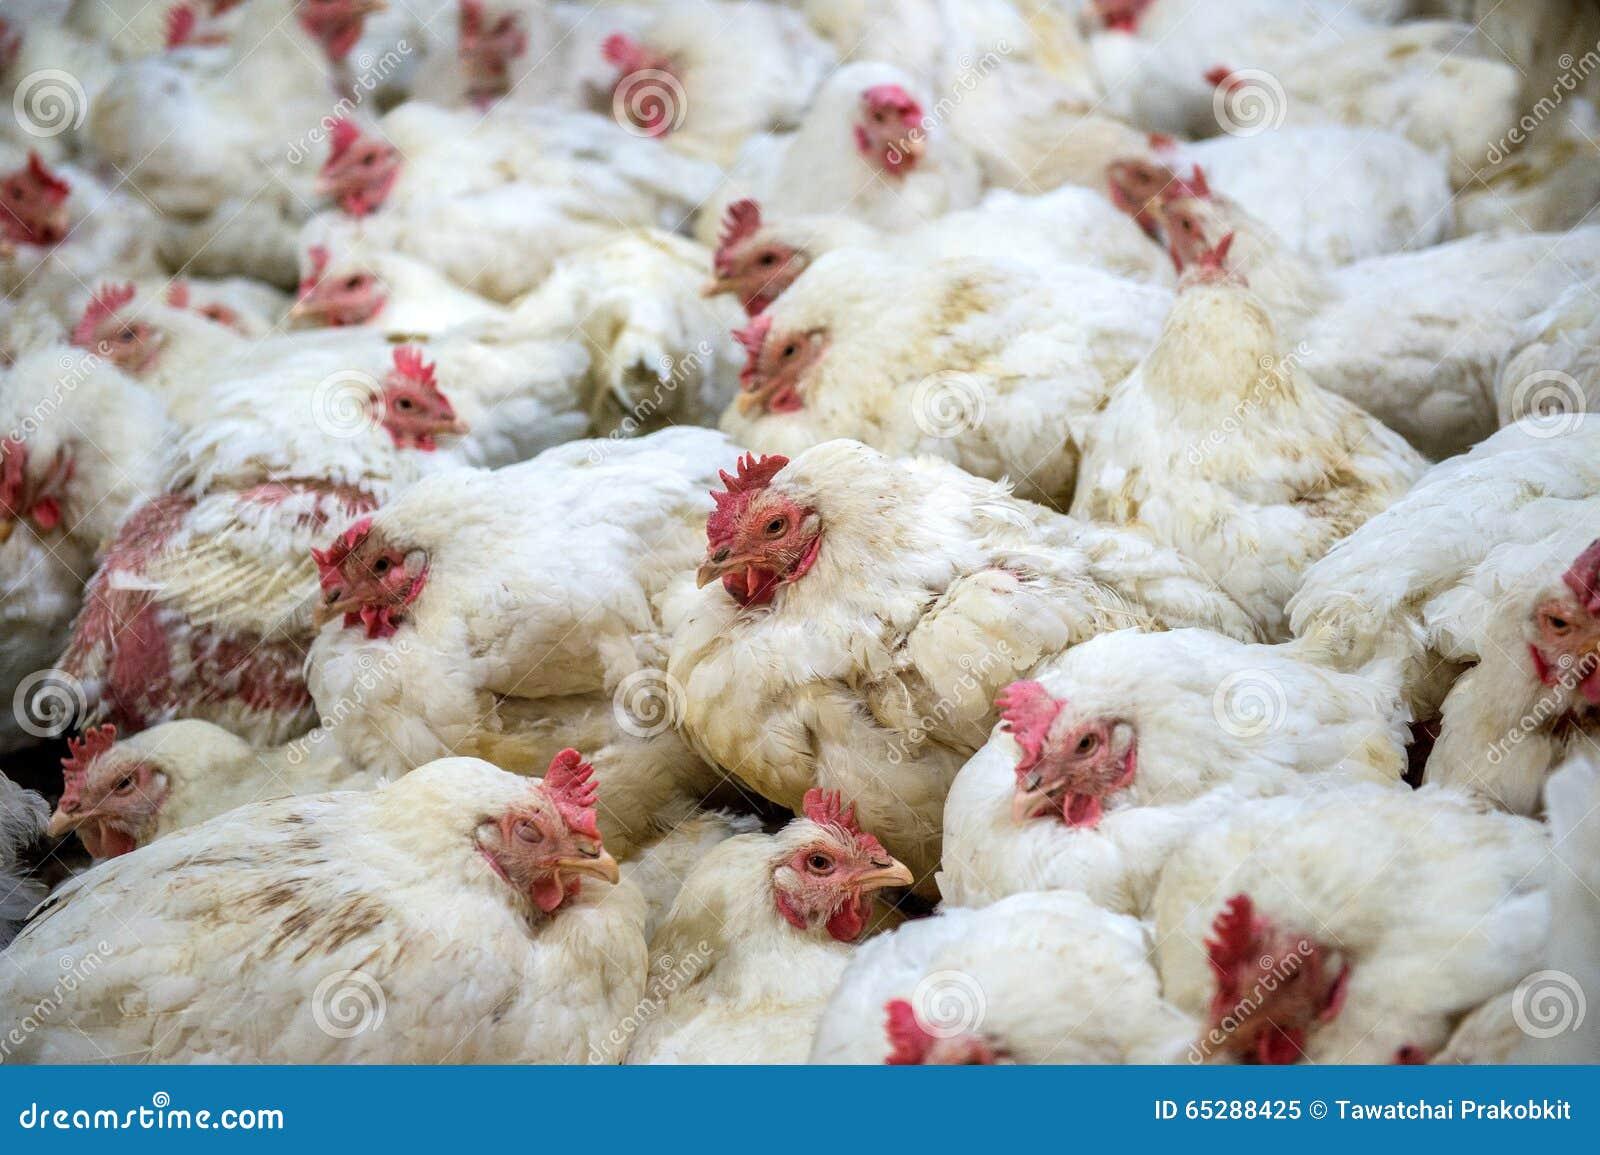 Sick Chicken Or Sad Chicken In Farm,Epidemic, Bird Flu. Stock Photo ...